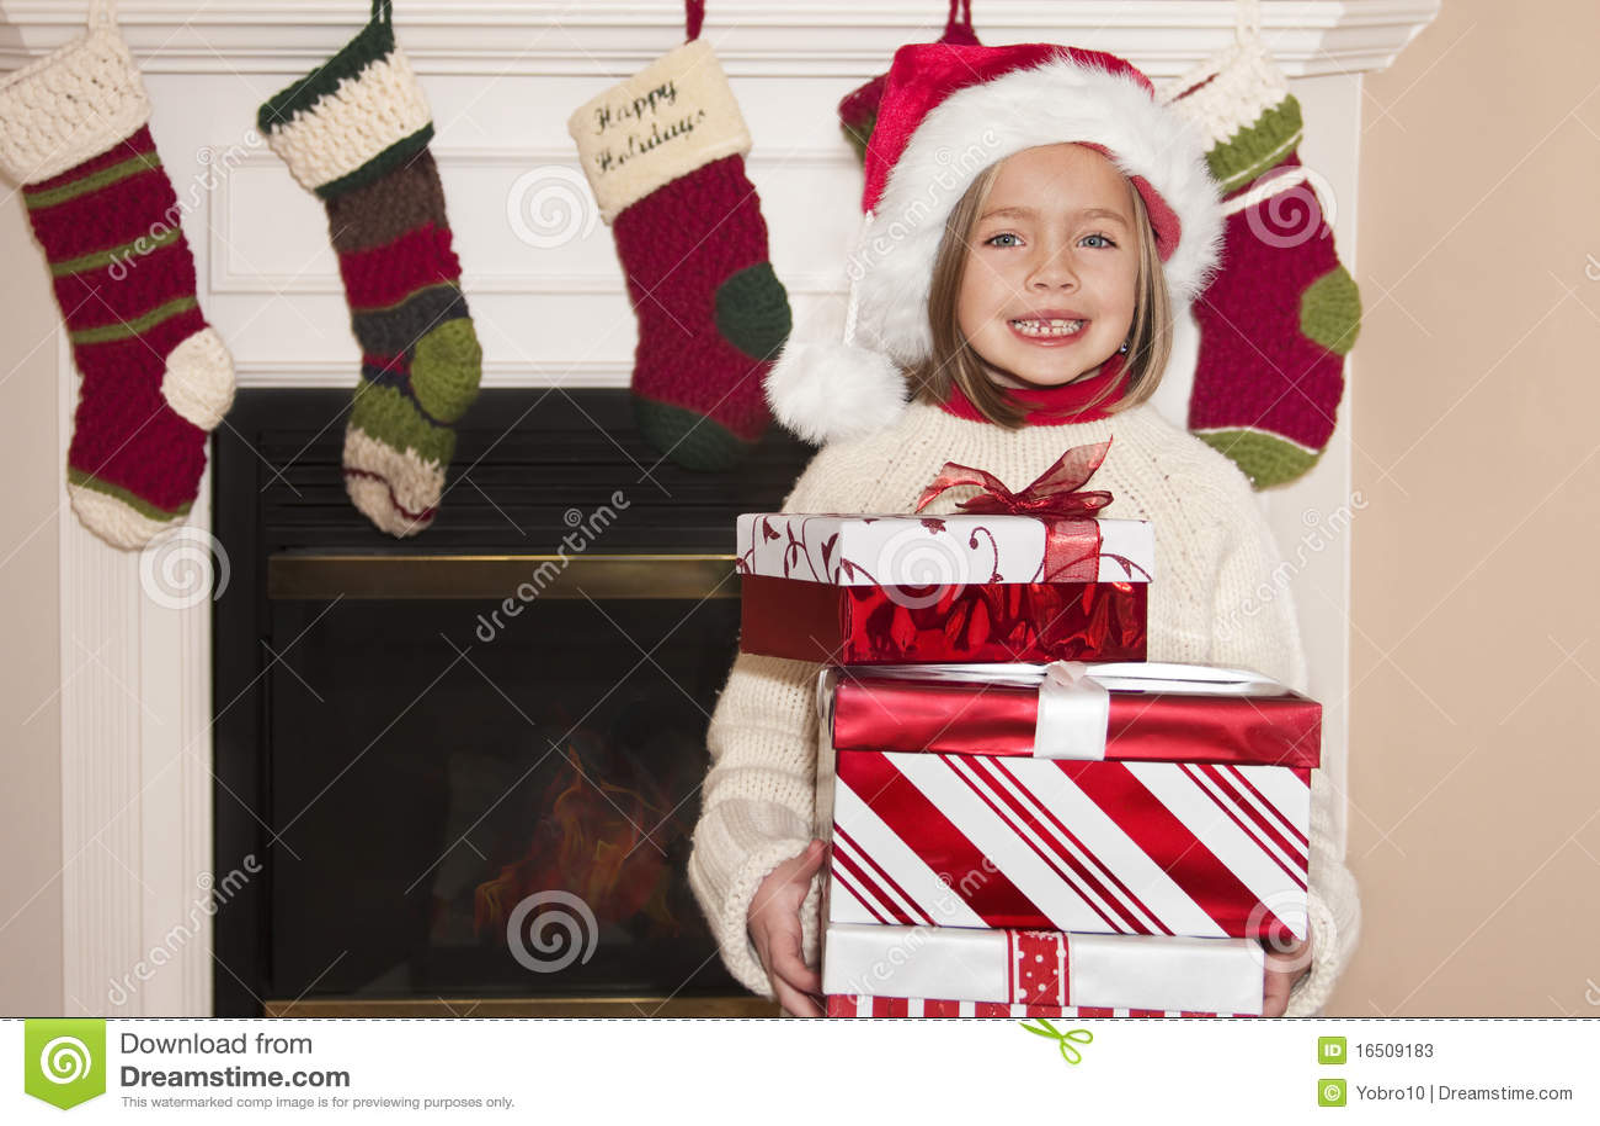 Weihnachtsgeschenke Und Kleines Mädchen Stockbild - Bild von ...